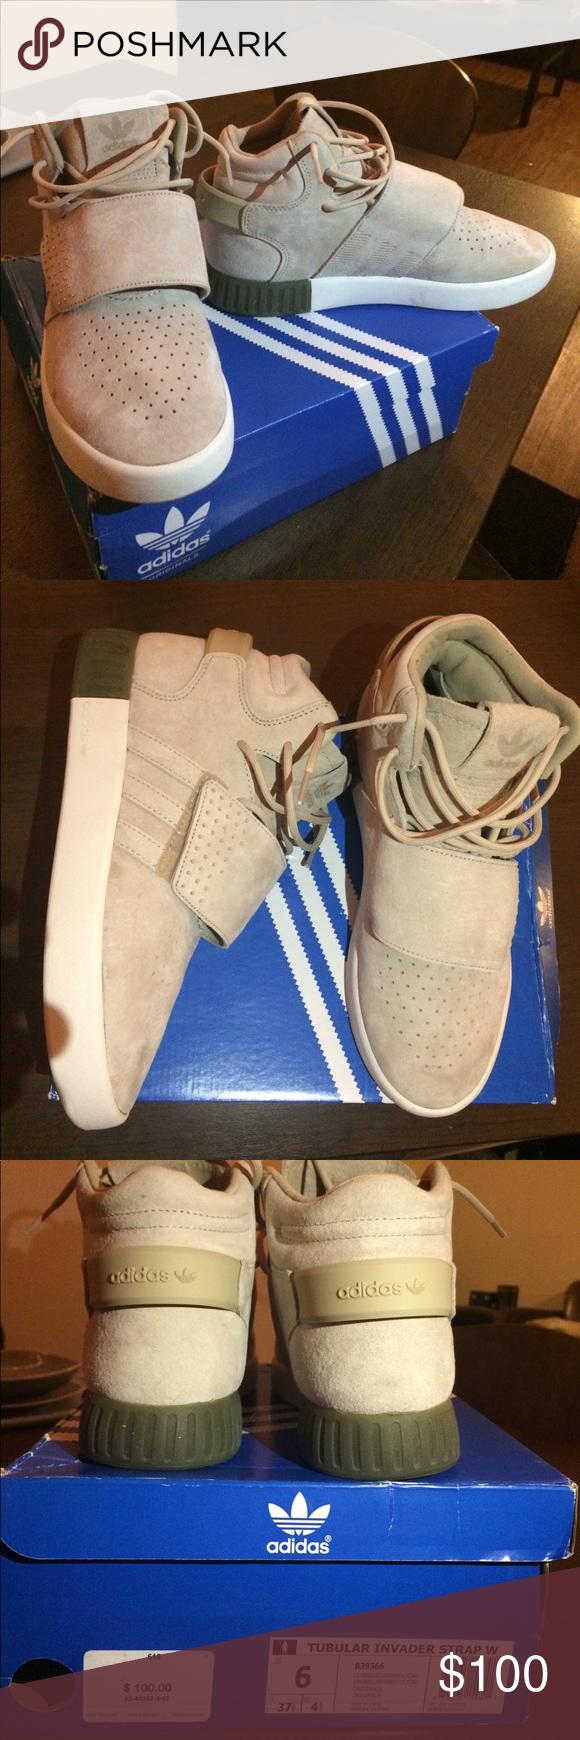 Adidas zapatilla NWT Adidas invasor tubular Correa, soporte al cliente